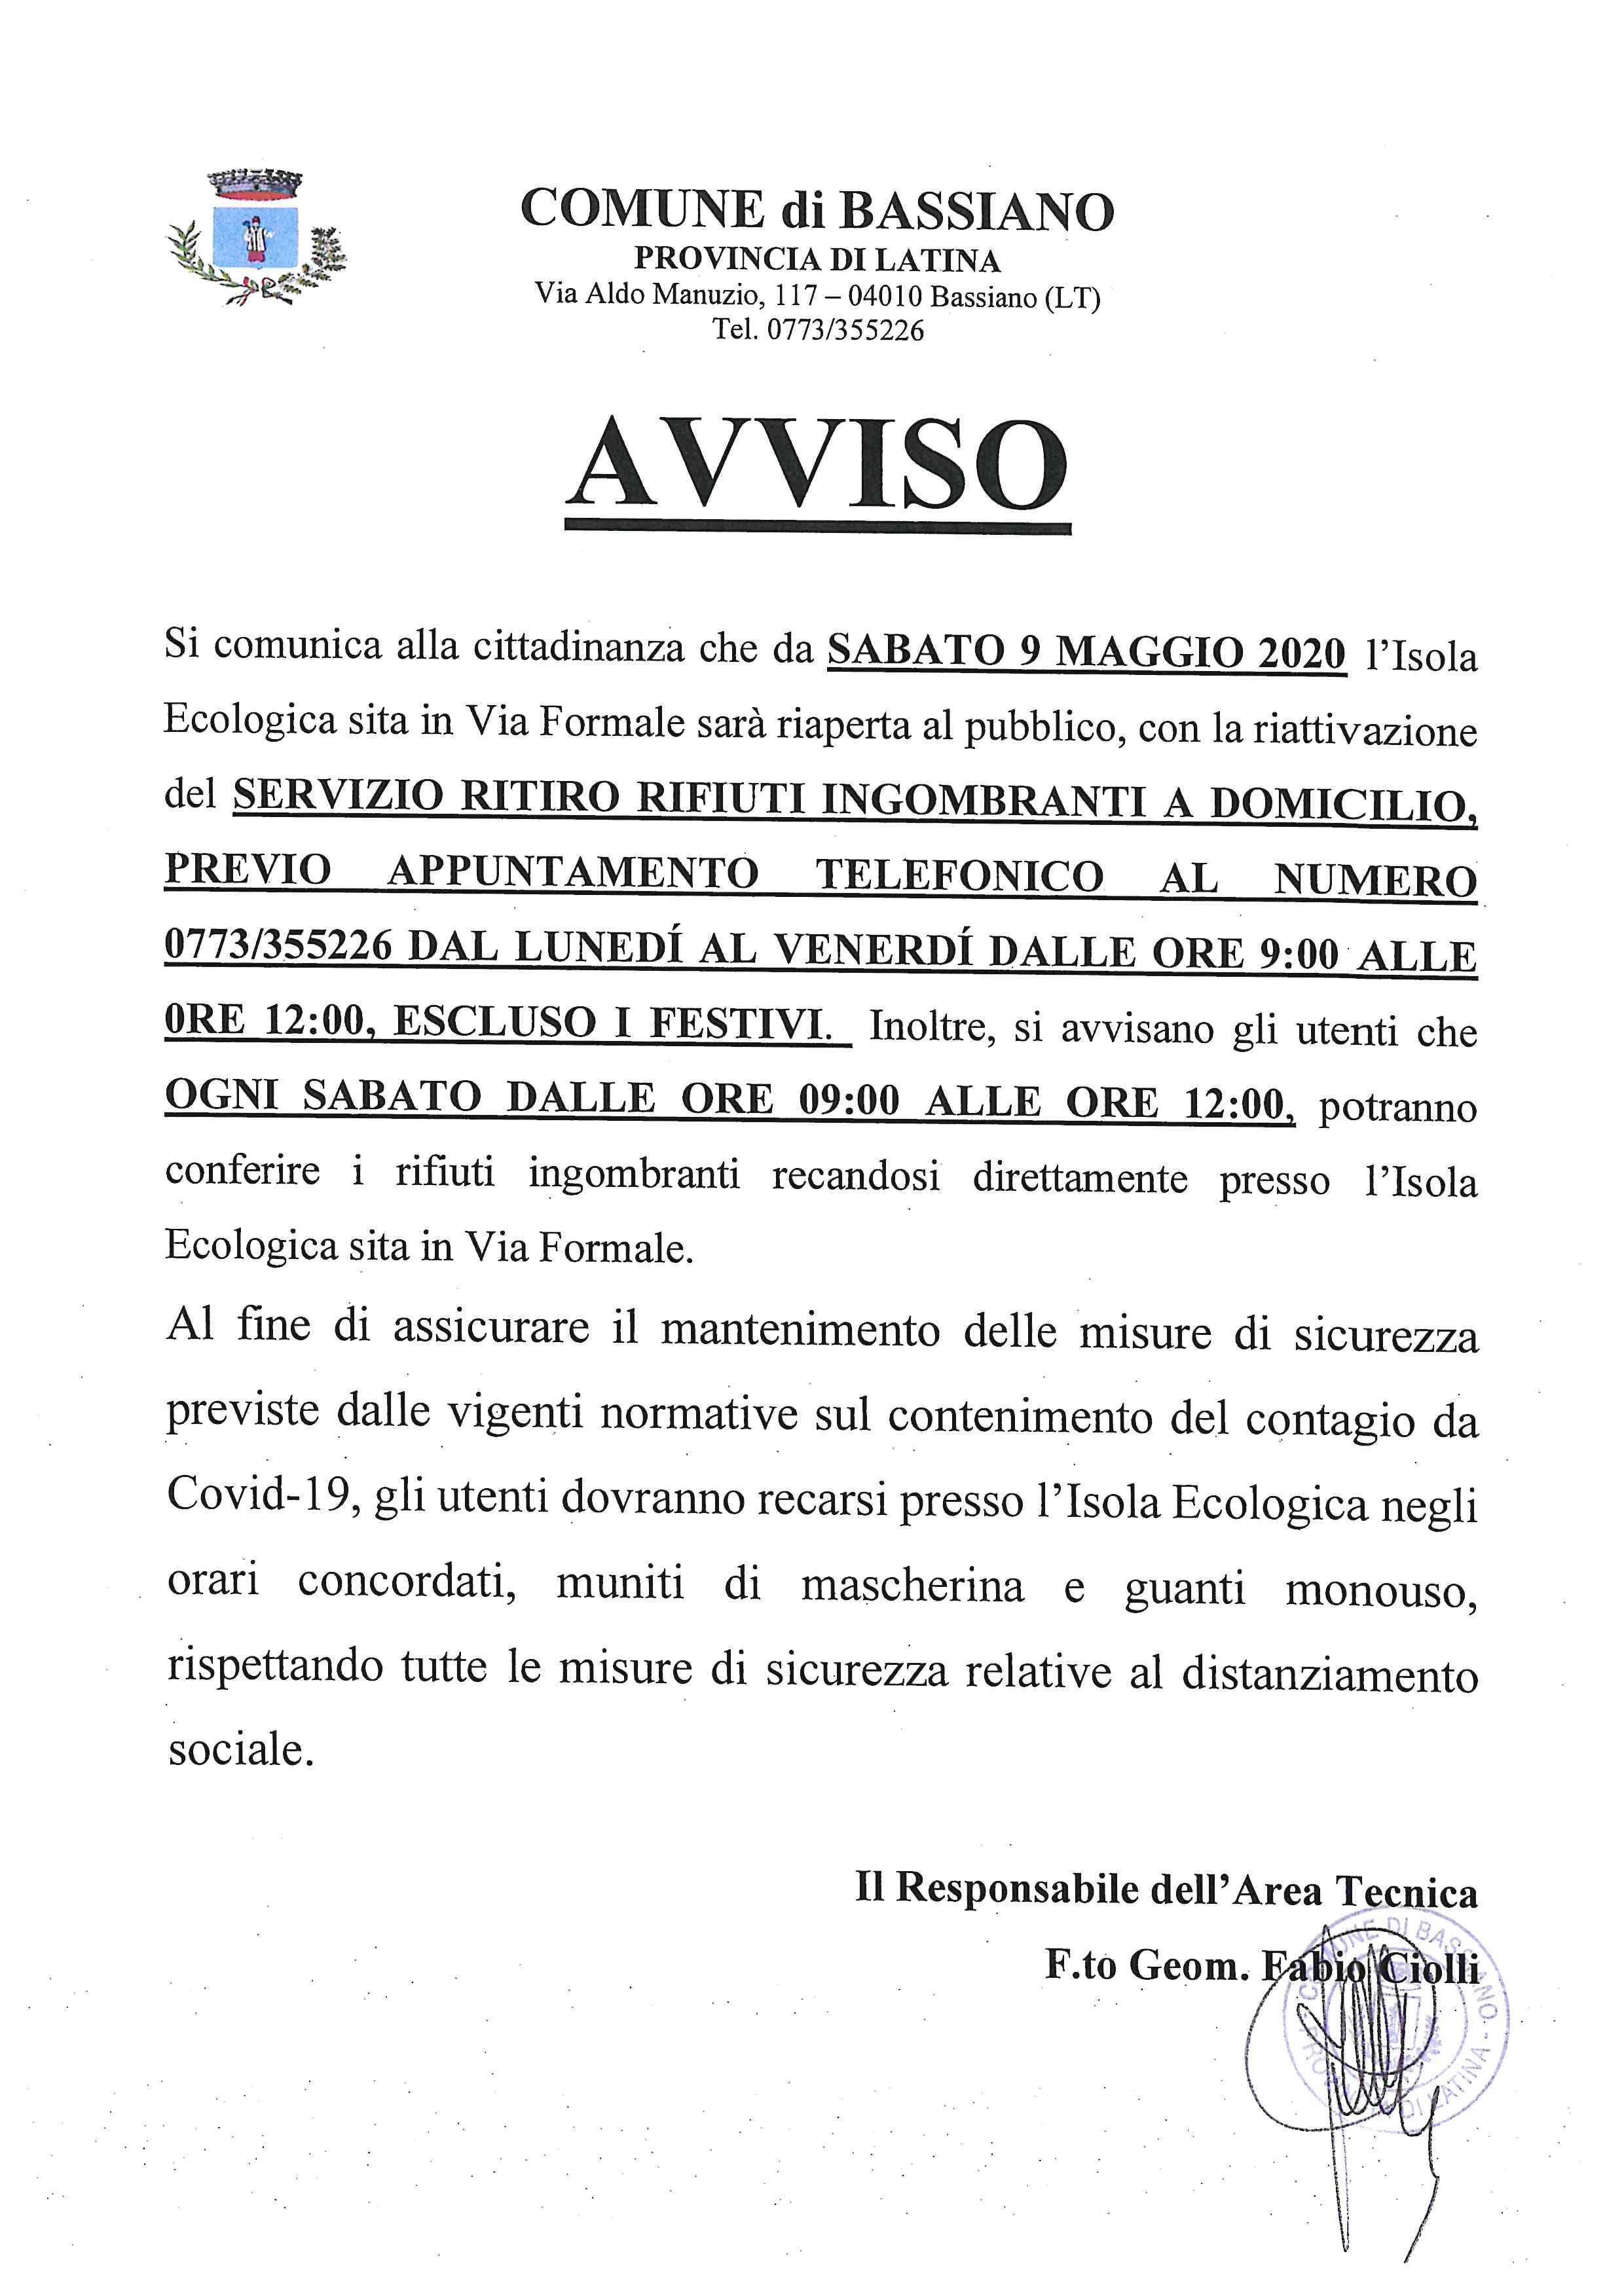 AVVISO RITIRO RIFIUTI INGOMBRANTI